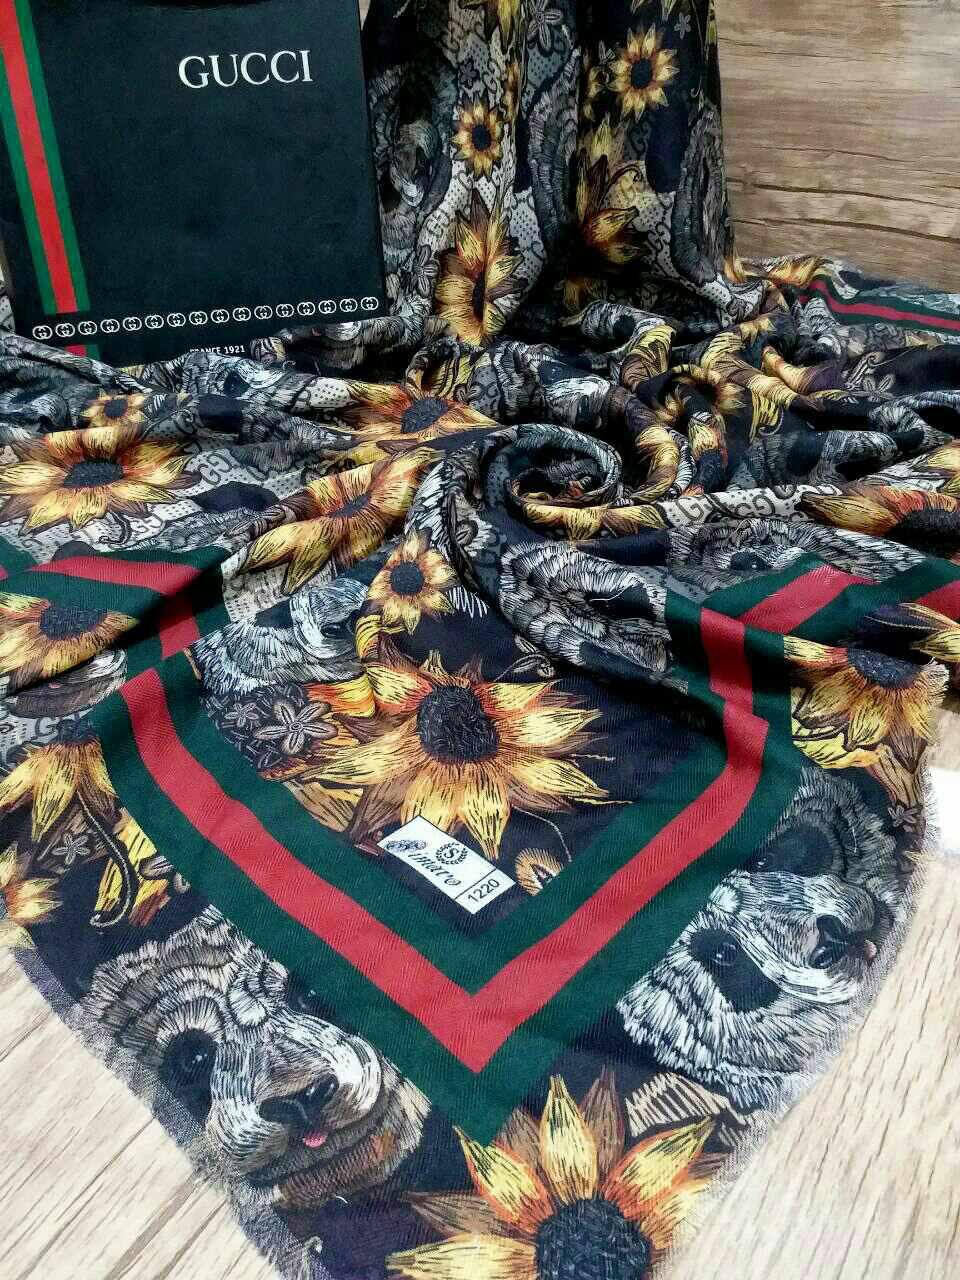 روسری قواره بزرگ پاییزه پایین ریشه سوزنی SR-N 203 از نمای نزدیک